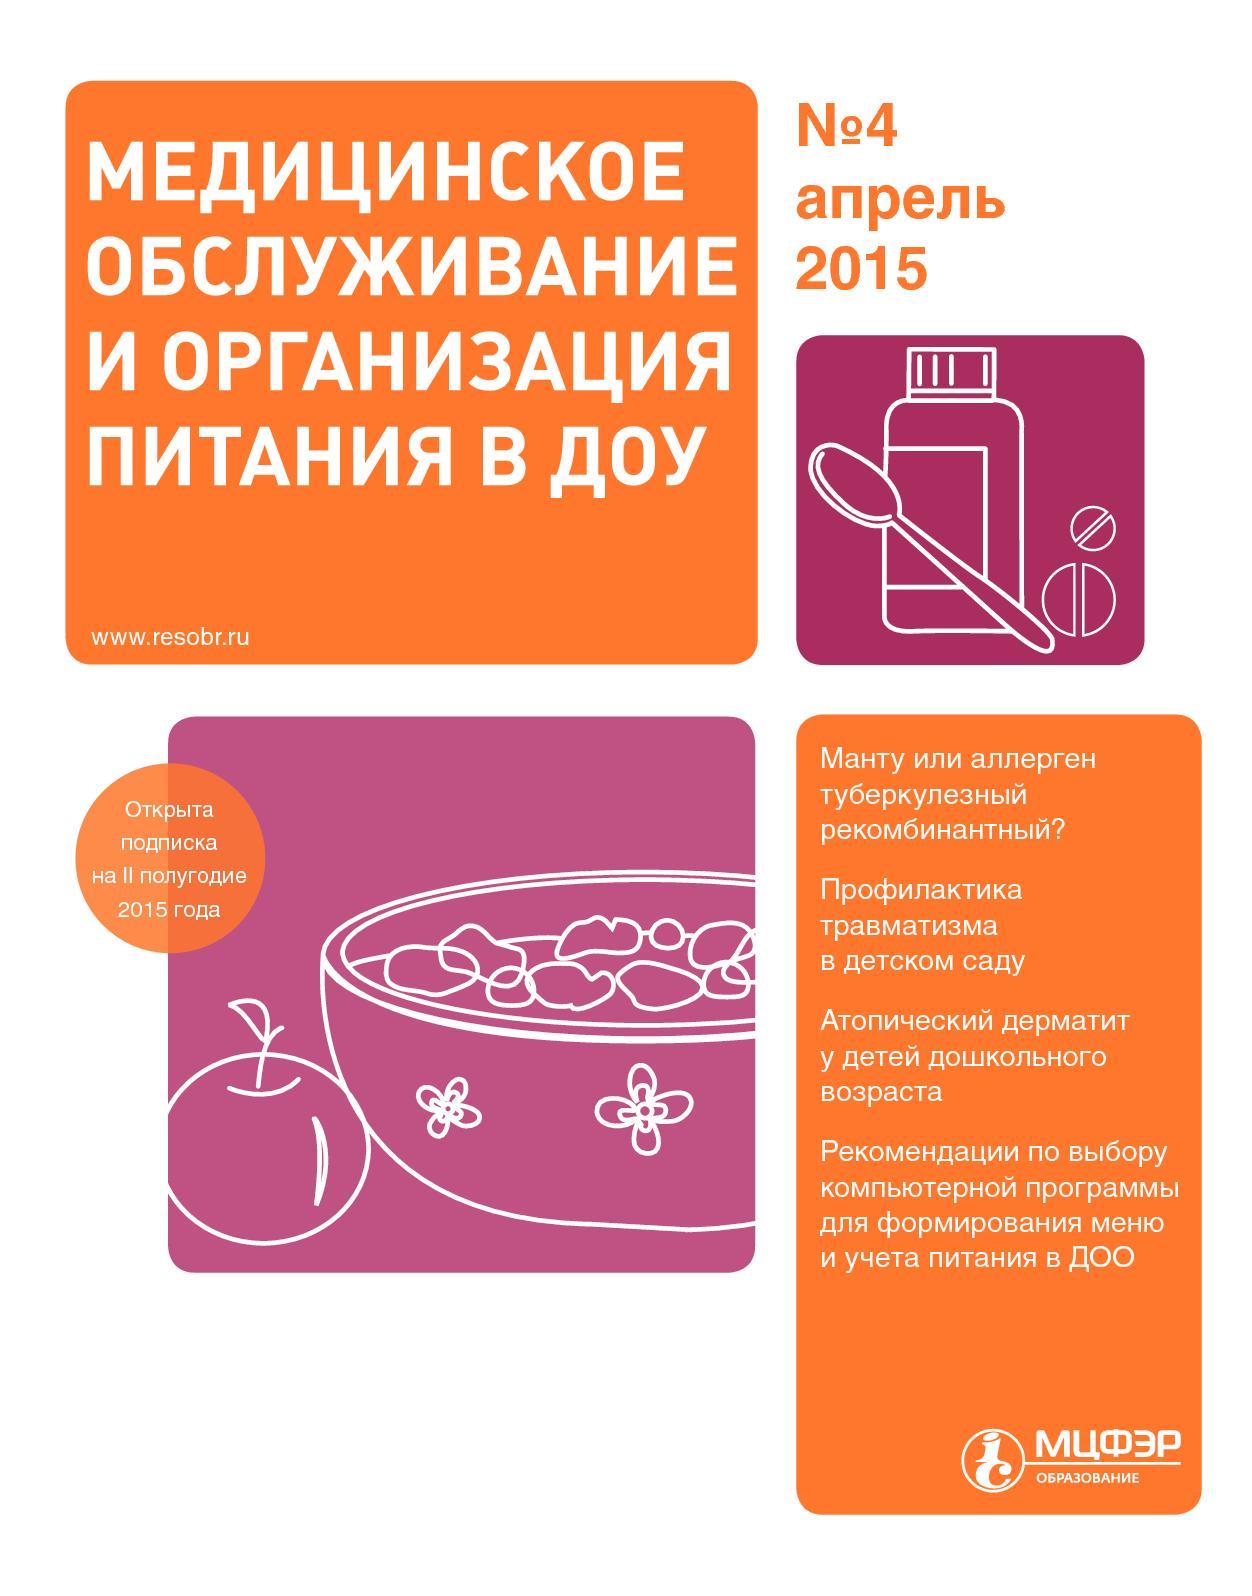 Правильное питание для детей: особенности, правила, связь питания и интеллекта